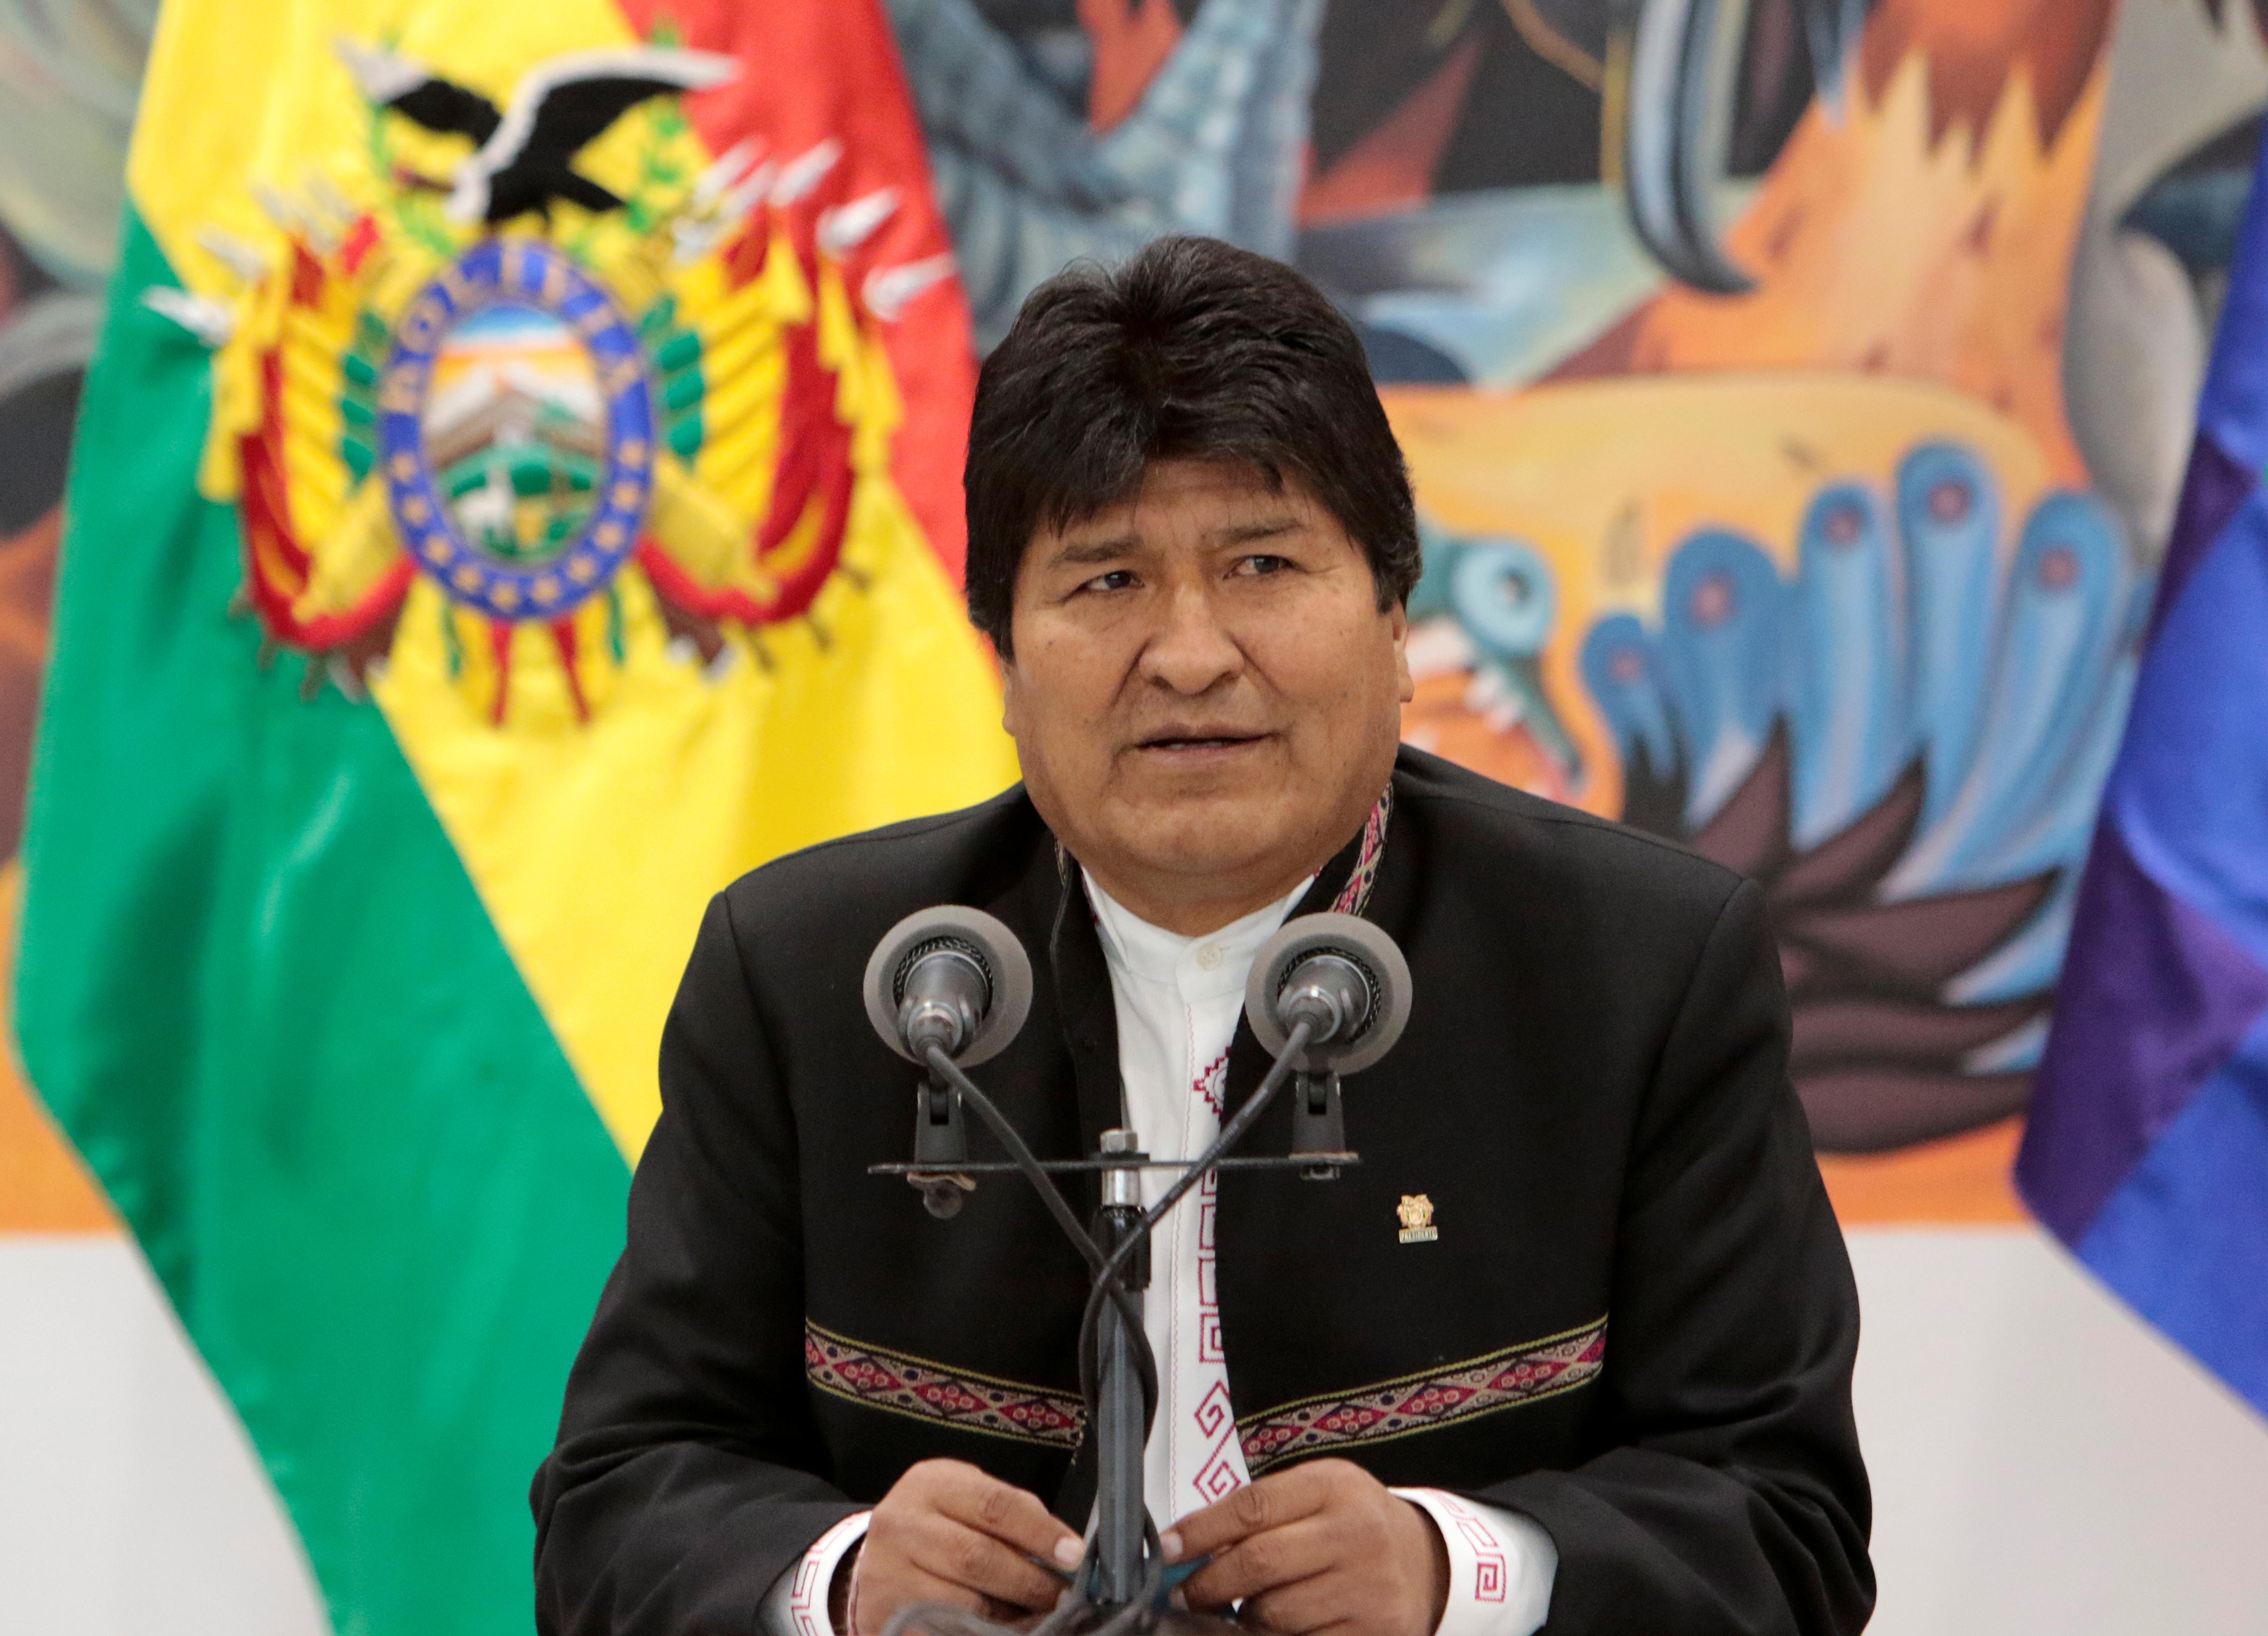 Le président bolivien Evo Morales va quitter ses fonctions, a annoncé dimanche un communiqué diffusé par la télévision. Le chef d'Etat est contesté depuis le 20 octobre, date à laquelle il a été reconduit dans ses fonctions au terme d'un scrutin dont la sincérité est jugée viciée par l'opposition.